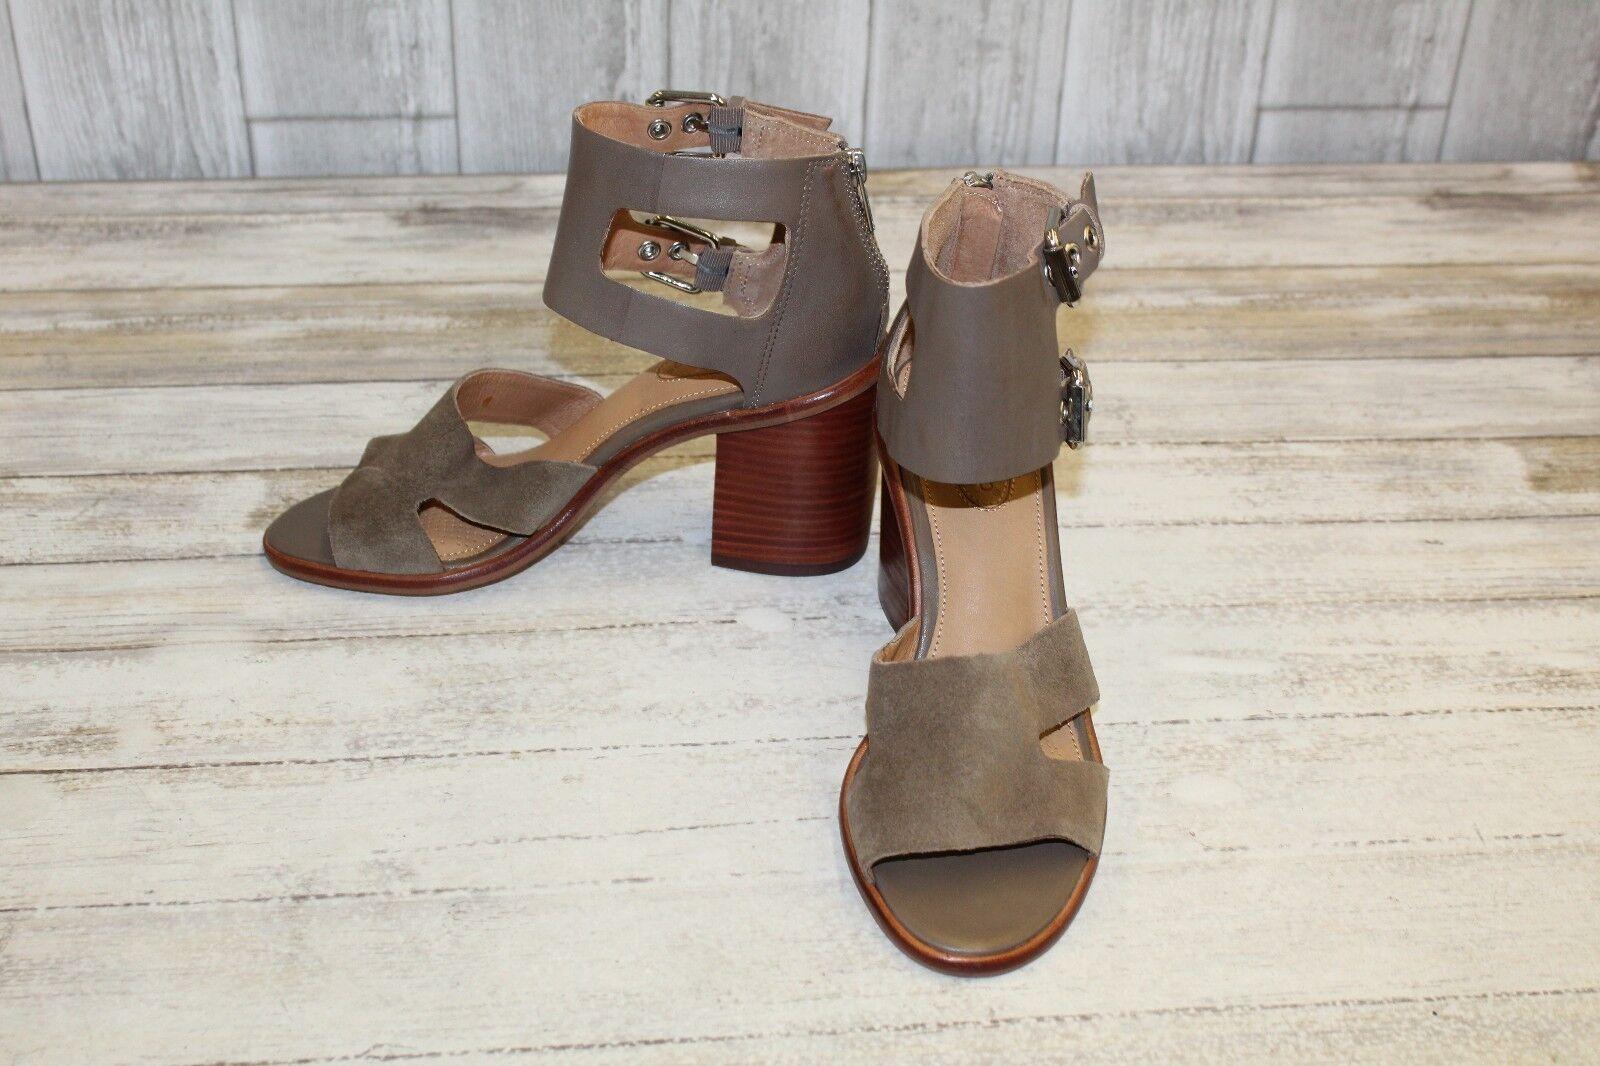 è scontato Corso Como September Leather & Suede Sandals, Donna Donna Donna  Dimensione 8 M, Taupe NEW  acquista online oggi